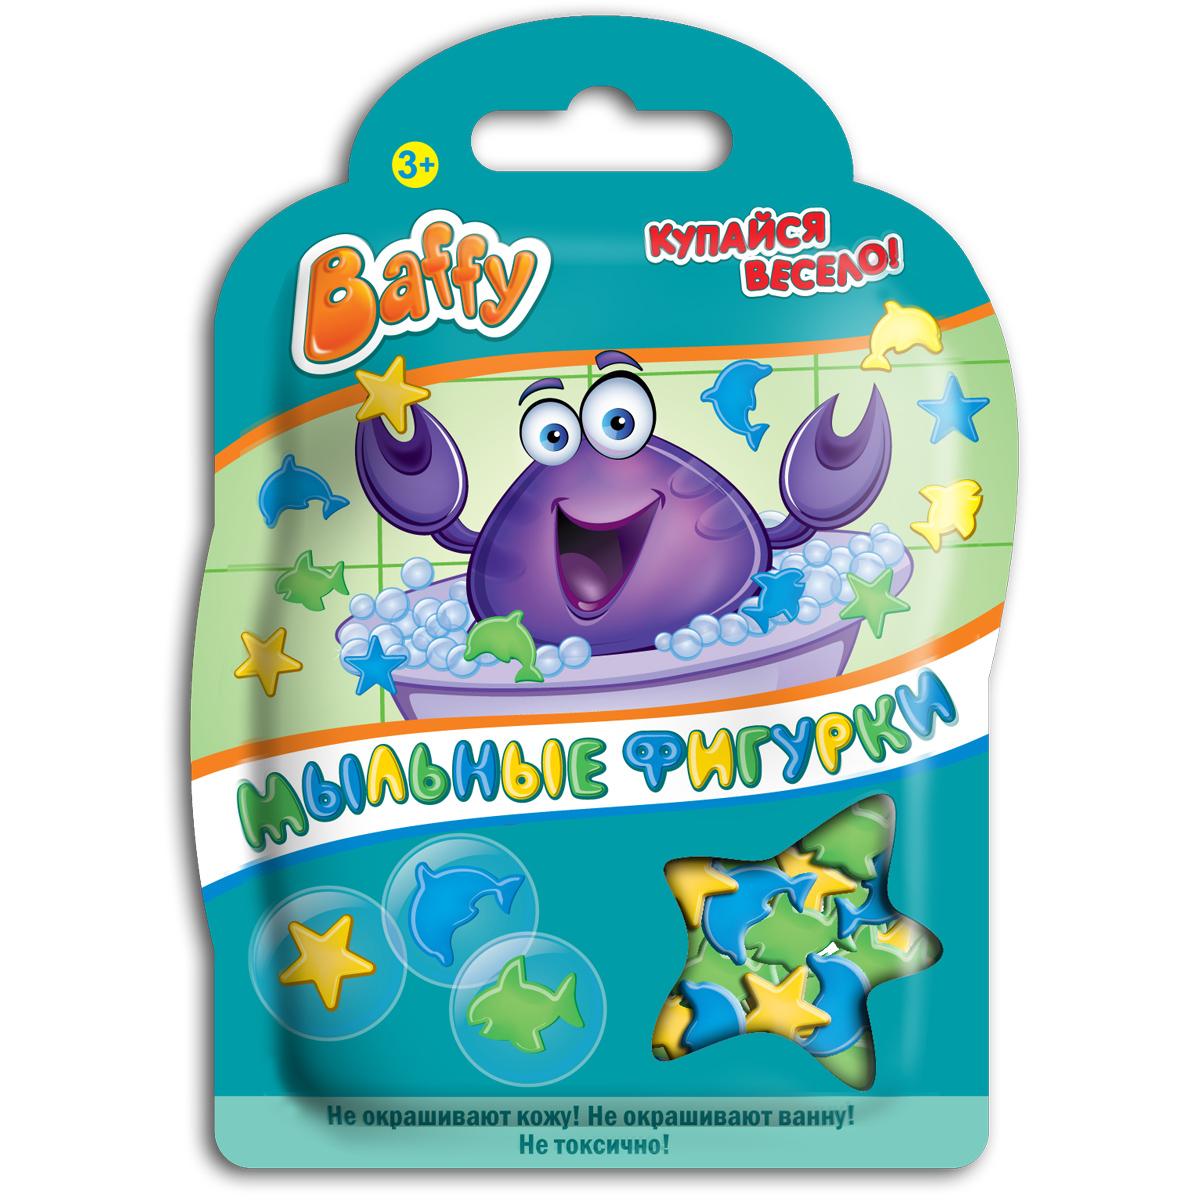 Baffy Мыльные фигурки цвет зеленый синий желтыйD0103Мыльные фигурки Baffy превратят купание в ванне в интересную, увлекательную игру. Фигурки можно клеить на детскую кожу, украшать стенку ванны, а также высыпать в воду и играть с ними. Фигурки хорошо мылятся и не окрашивают кожу и ванну. Безопасны для кожи ребенка. Вес: 8 гр.